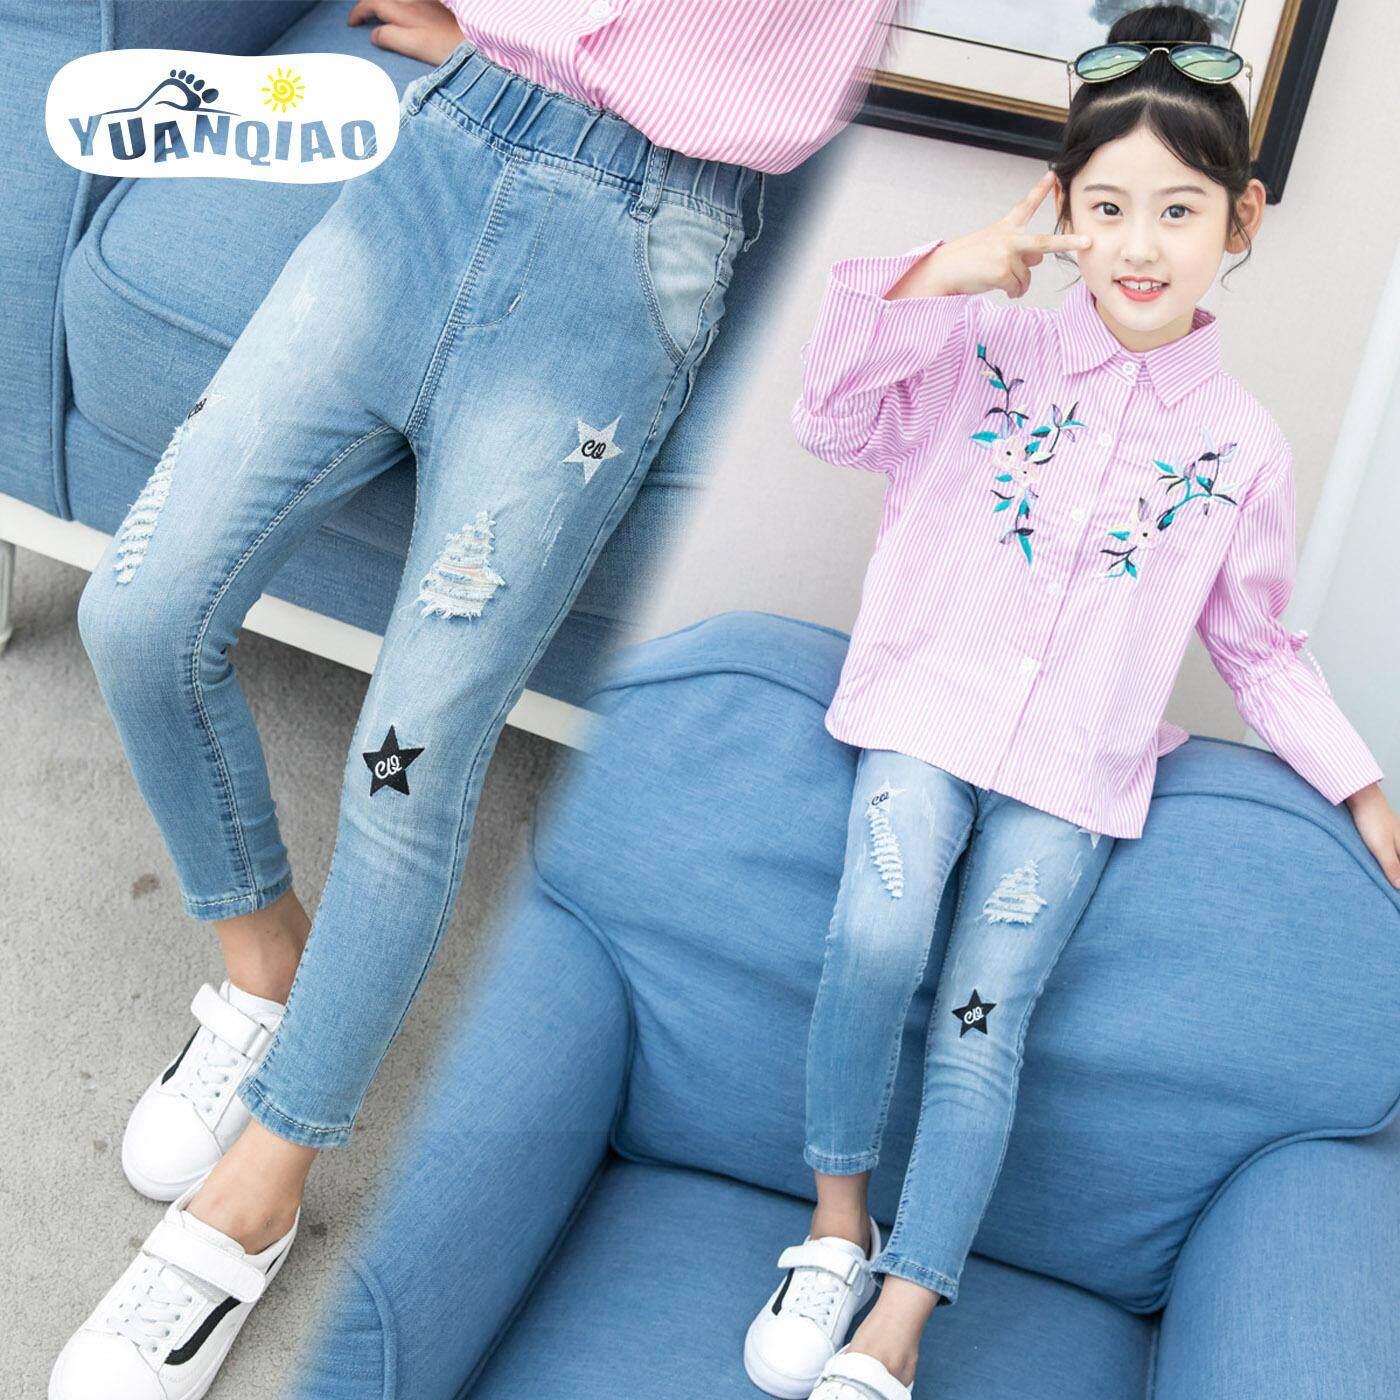 Giá bán YUANQIAO Nữ Quần Jean Thu Chặt Quần Jeans 2018 Mới Trẻ Quần Thun Lỗ Quần Quần Jeans Trẻ Em Bé Gái Quần Jean